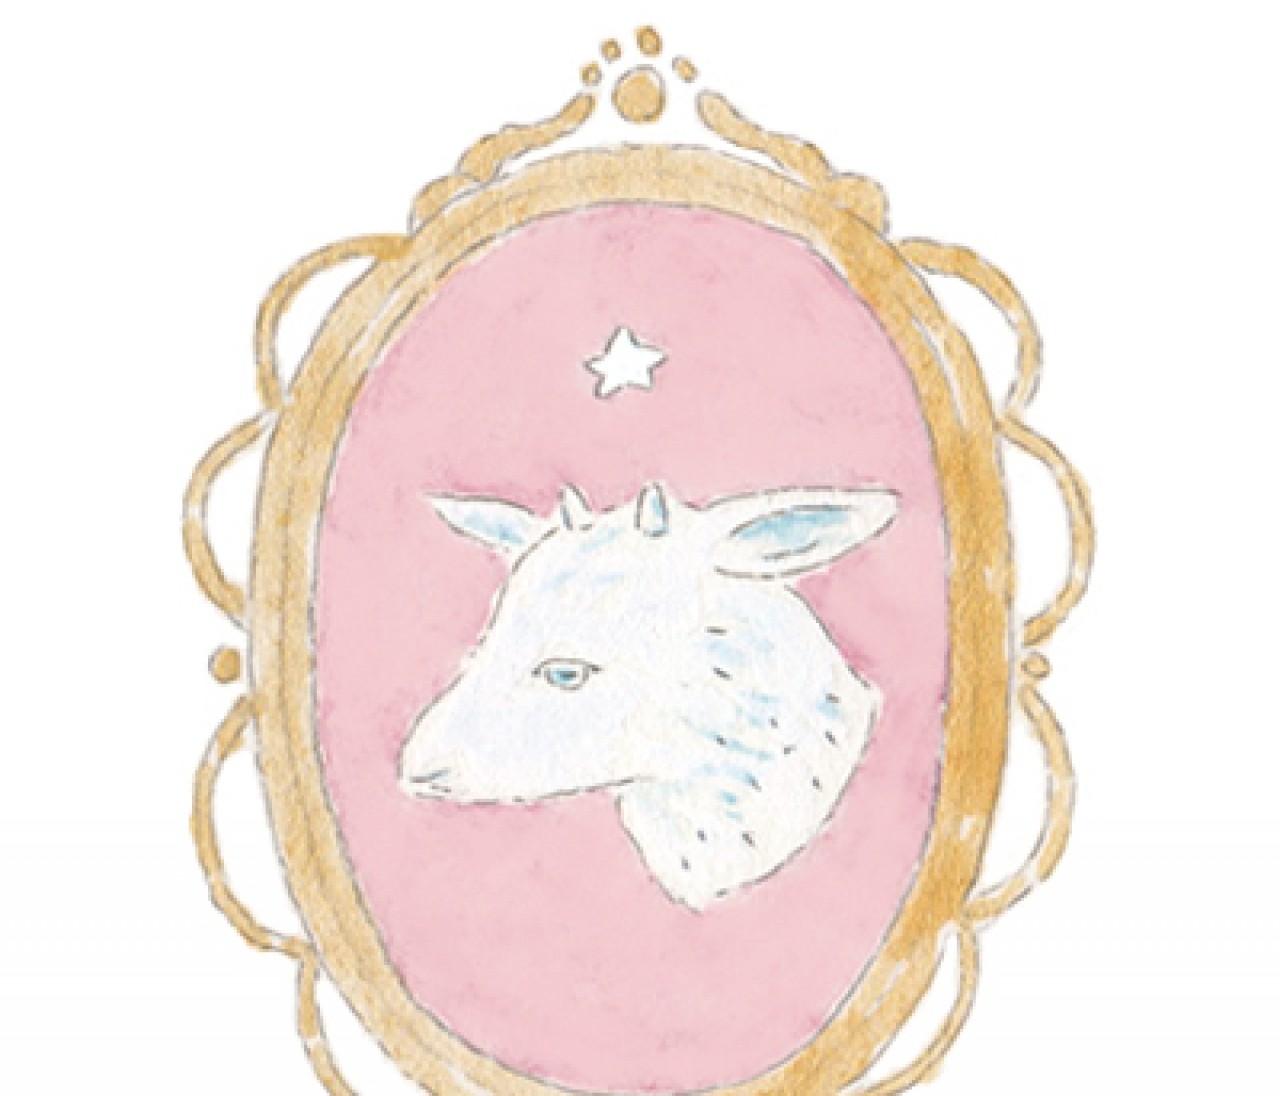 【山羊座】鏡リュウジの12星座別ホロスコープ(2019年7月12日〜8月8日)